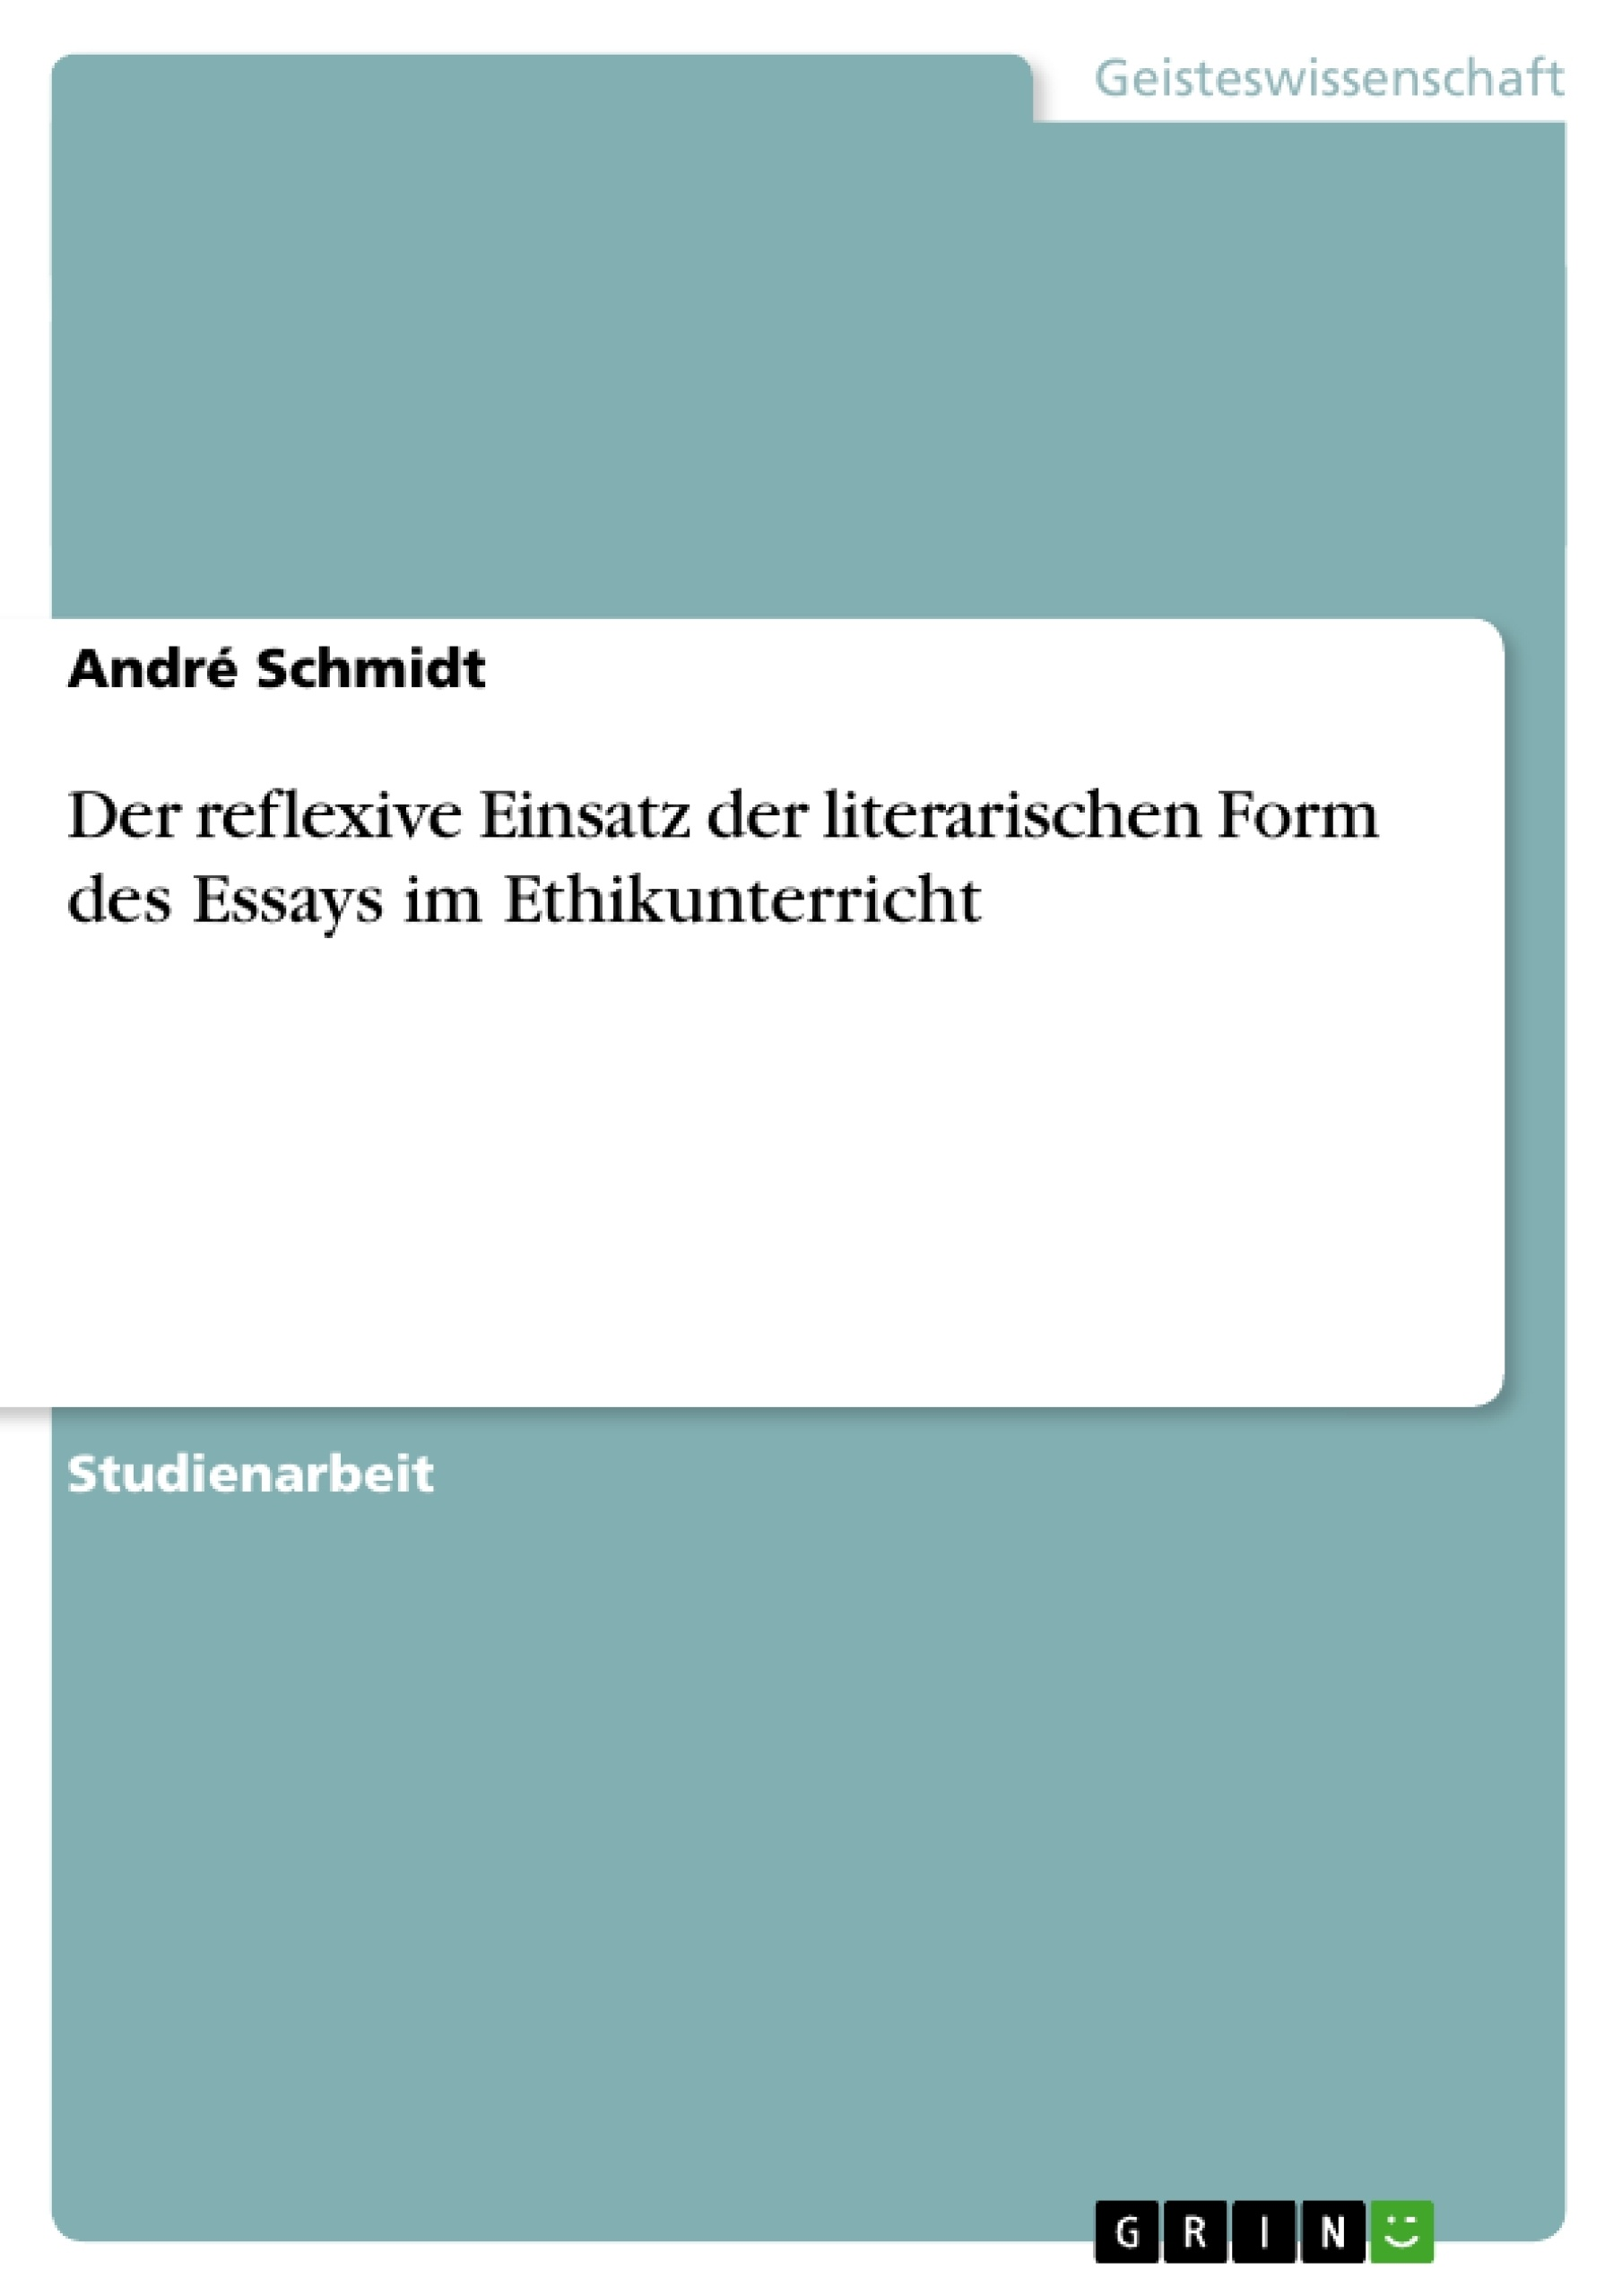 Titel: Der reflexive Einsatz der literarischen Form des Essays im Ethikunterricht